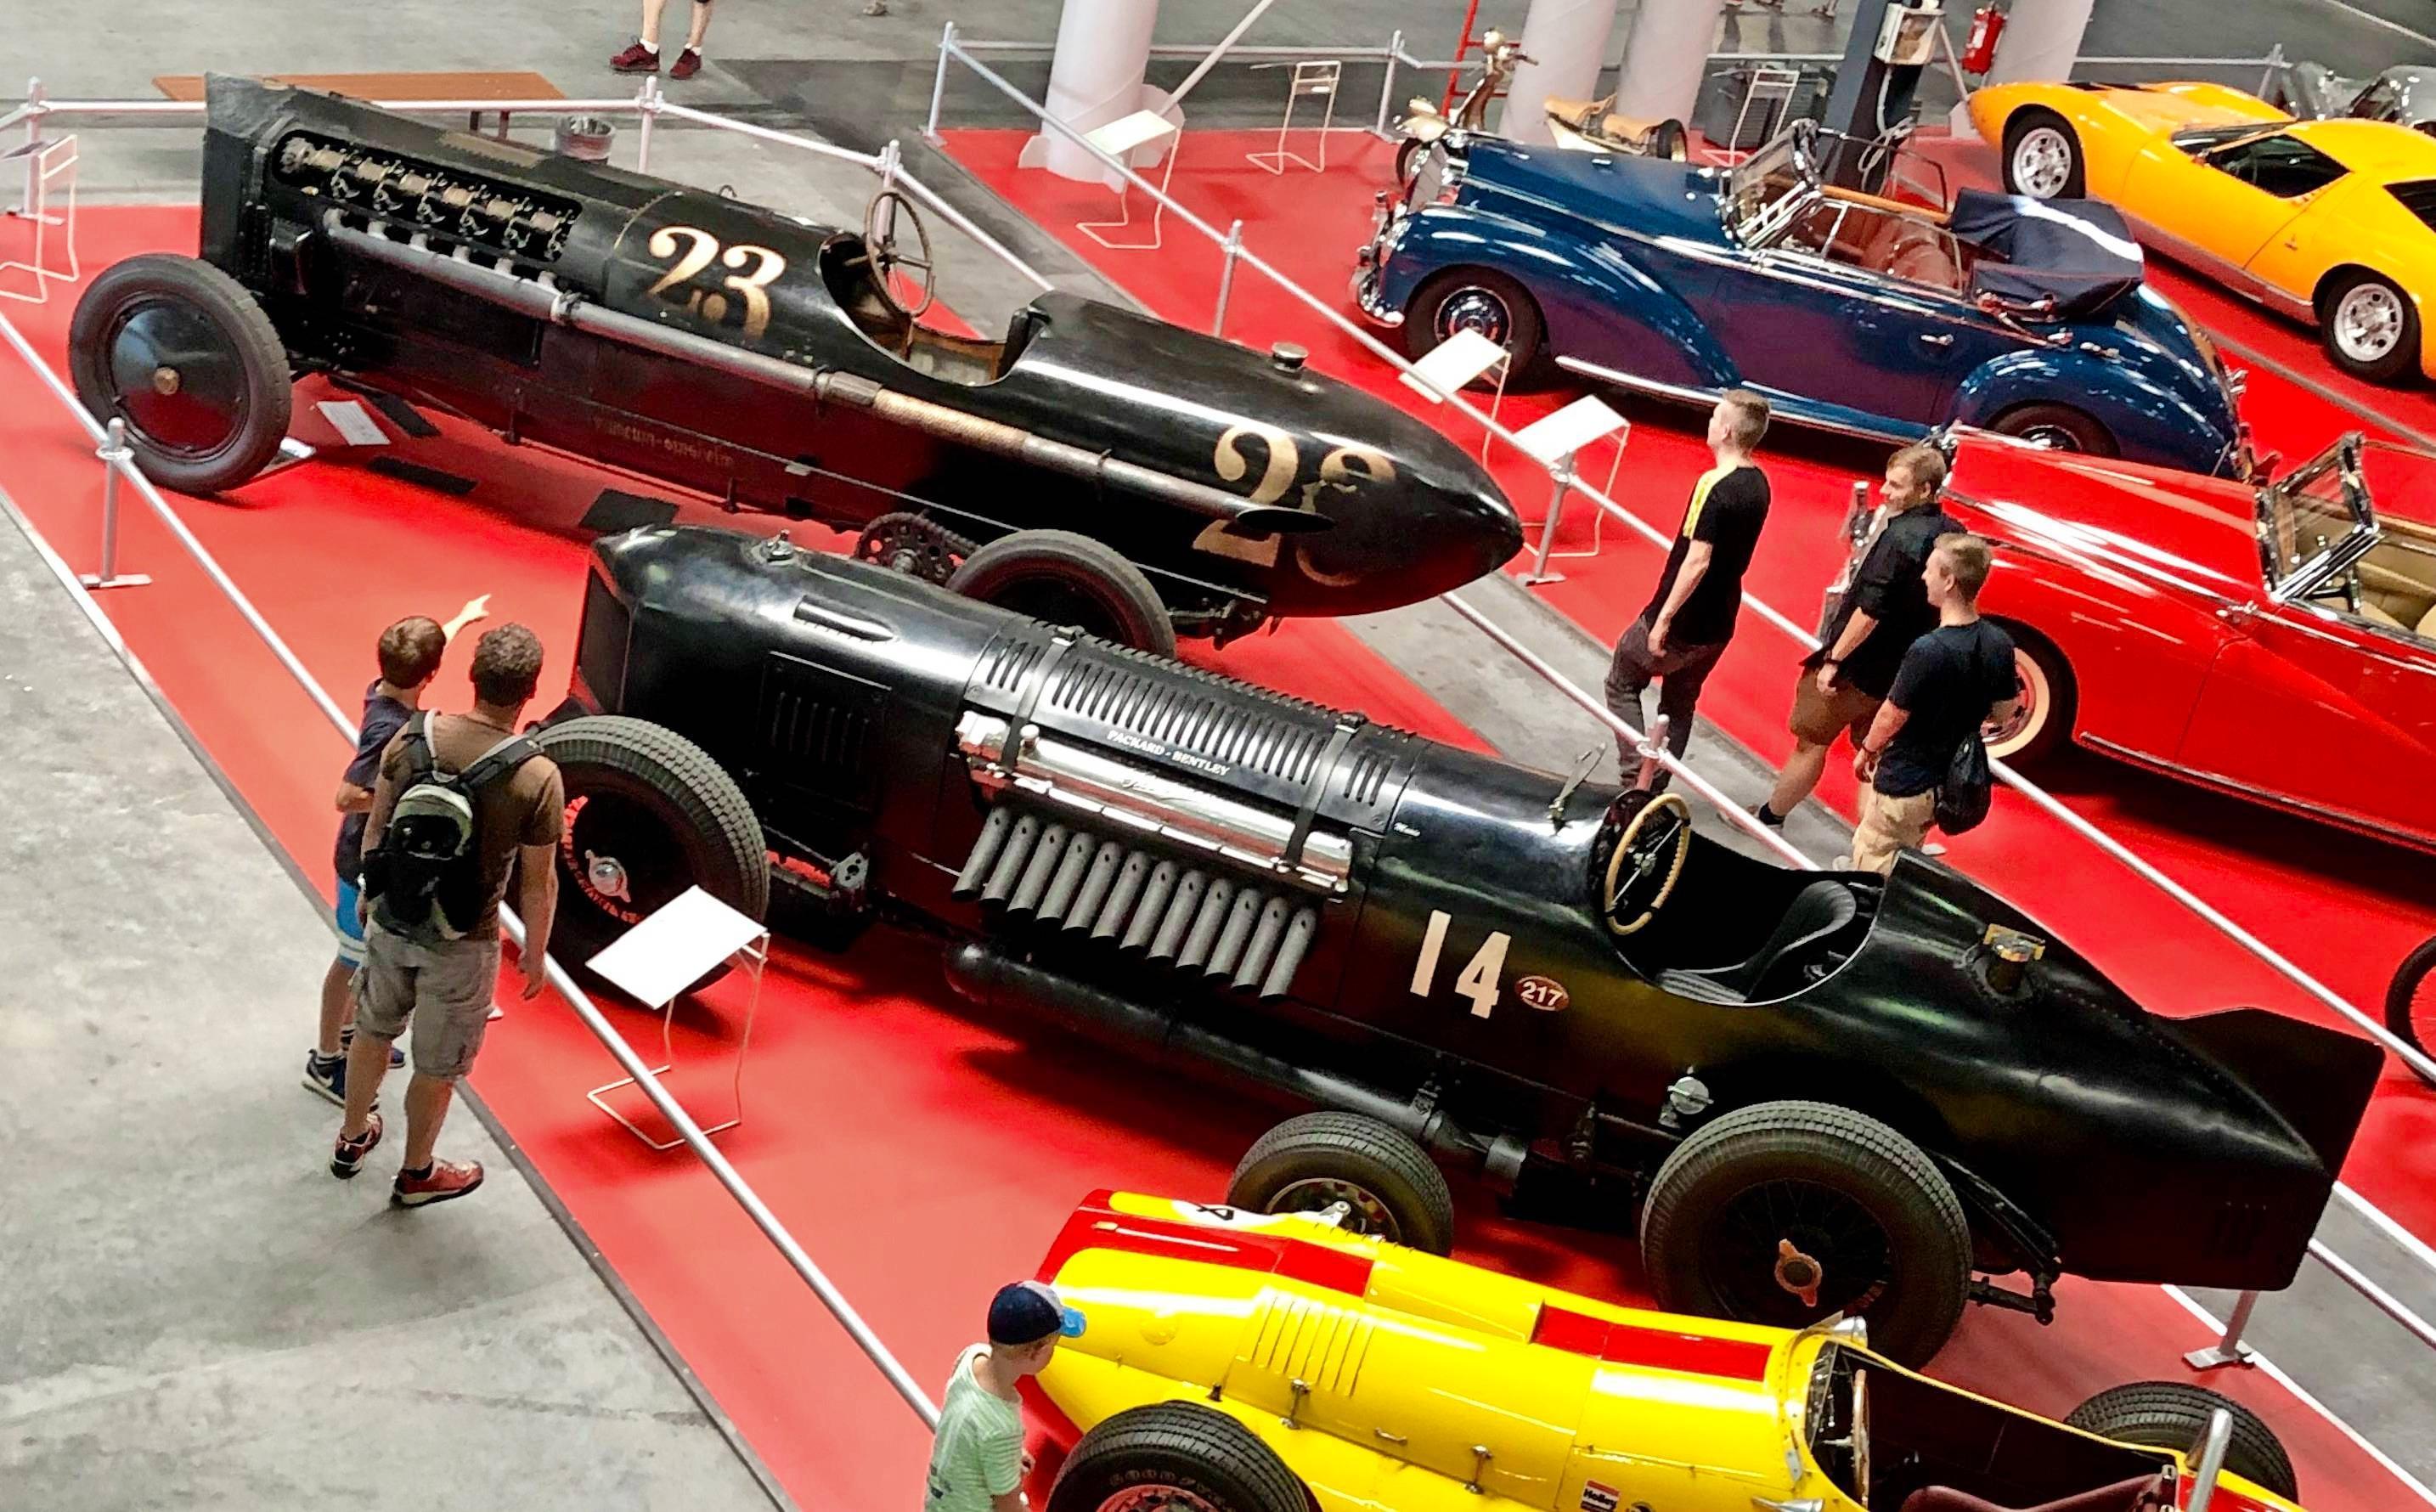 Das Technik Museum in Sinsheim ist nicht nur für Auto-Enthusiasten ein lohnendes Ziel. Zu sehen sind Meilensteine der Technik-Geschichte. Foto: privat